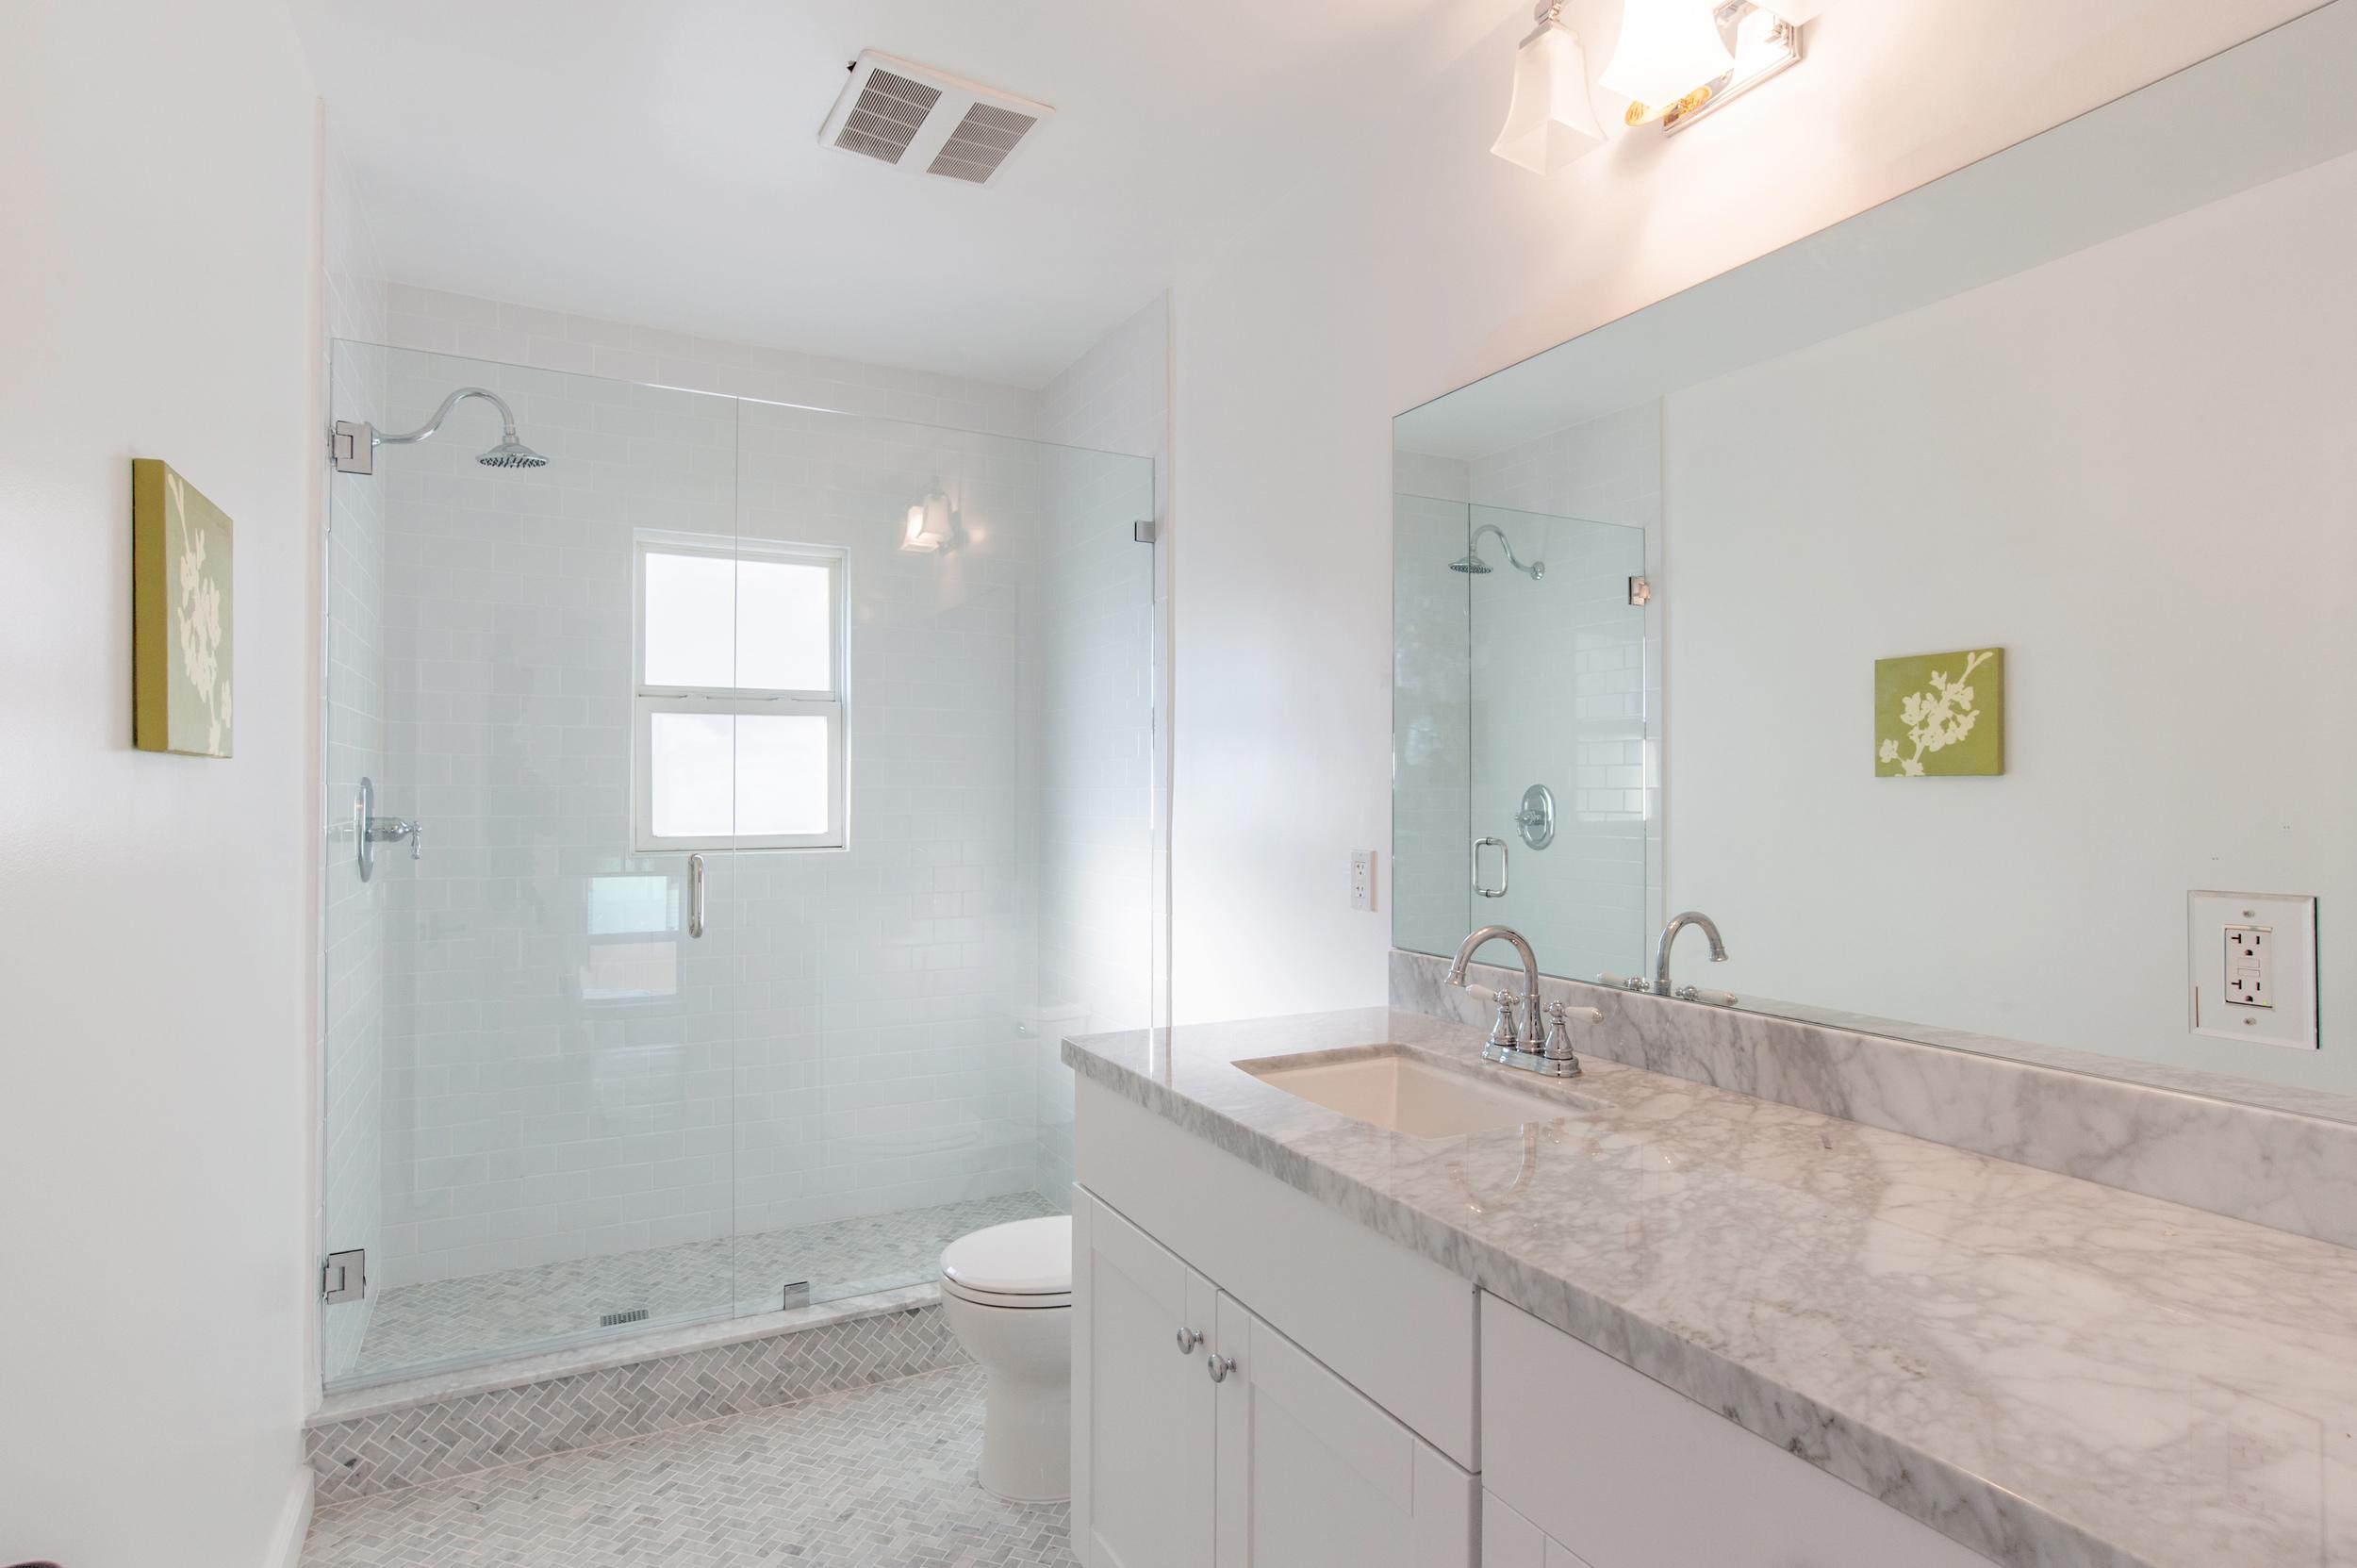 Kingswell-Bathroom.jpg